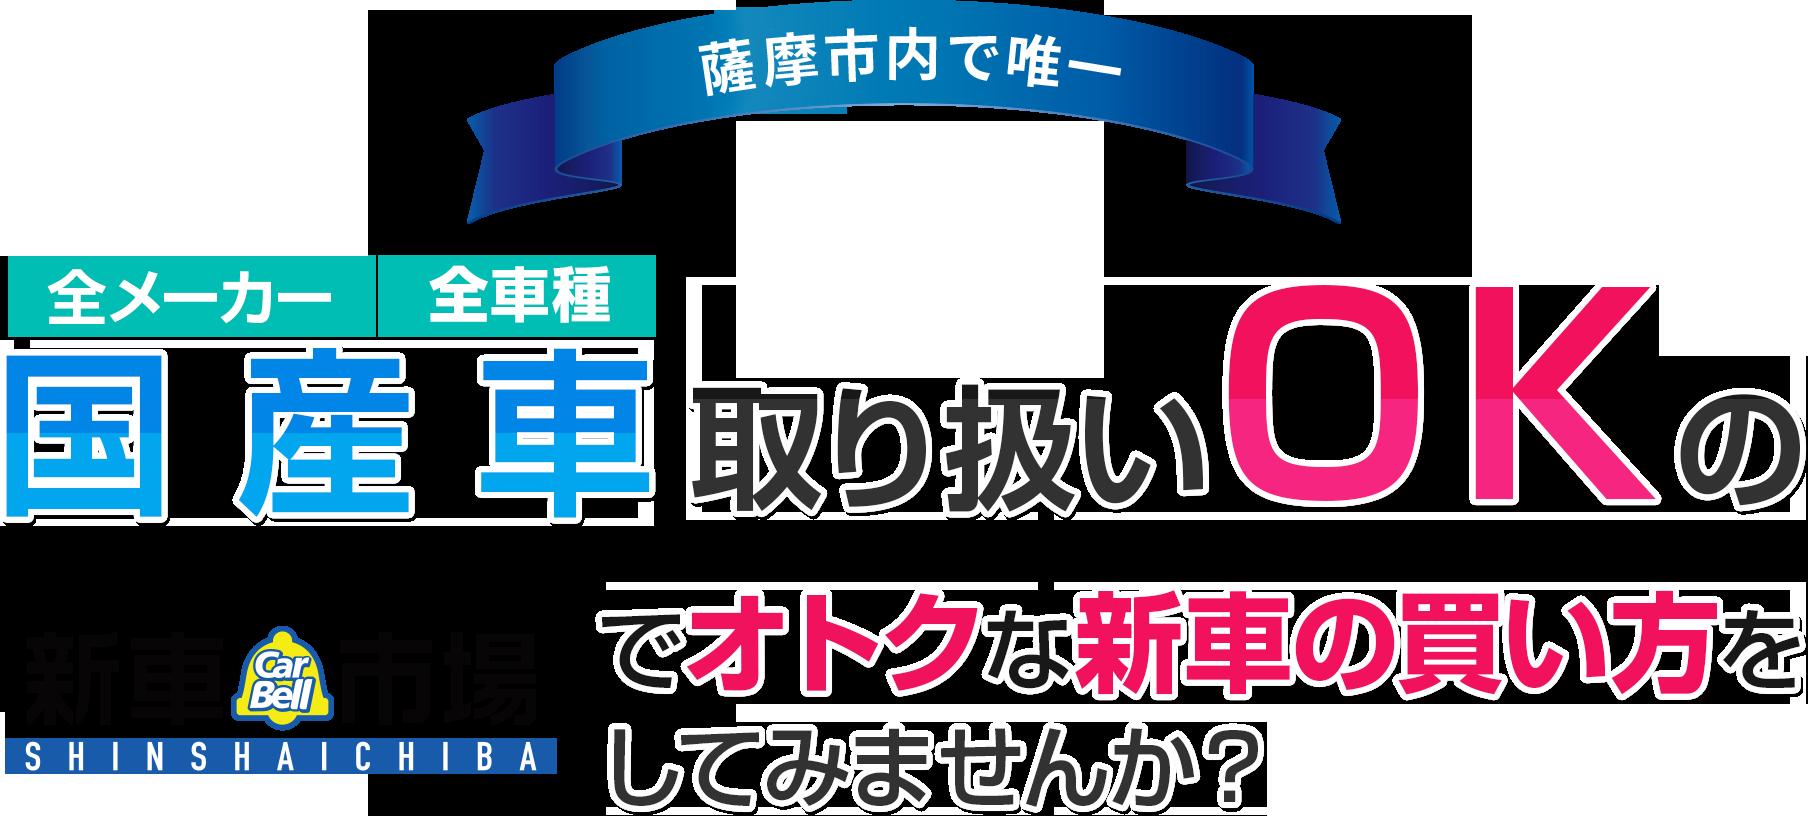 薩摩川内市で唯一国産車取り扱いOKのでオトクな新車の買い方をしてみませんか?